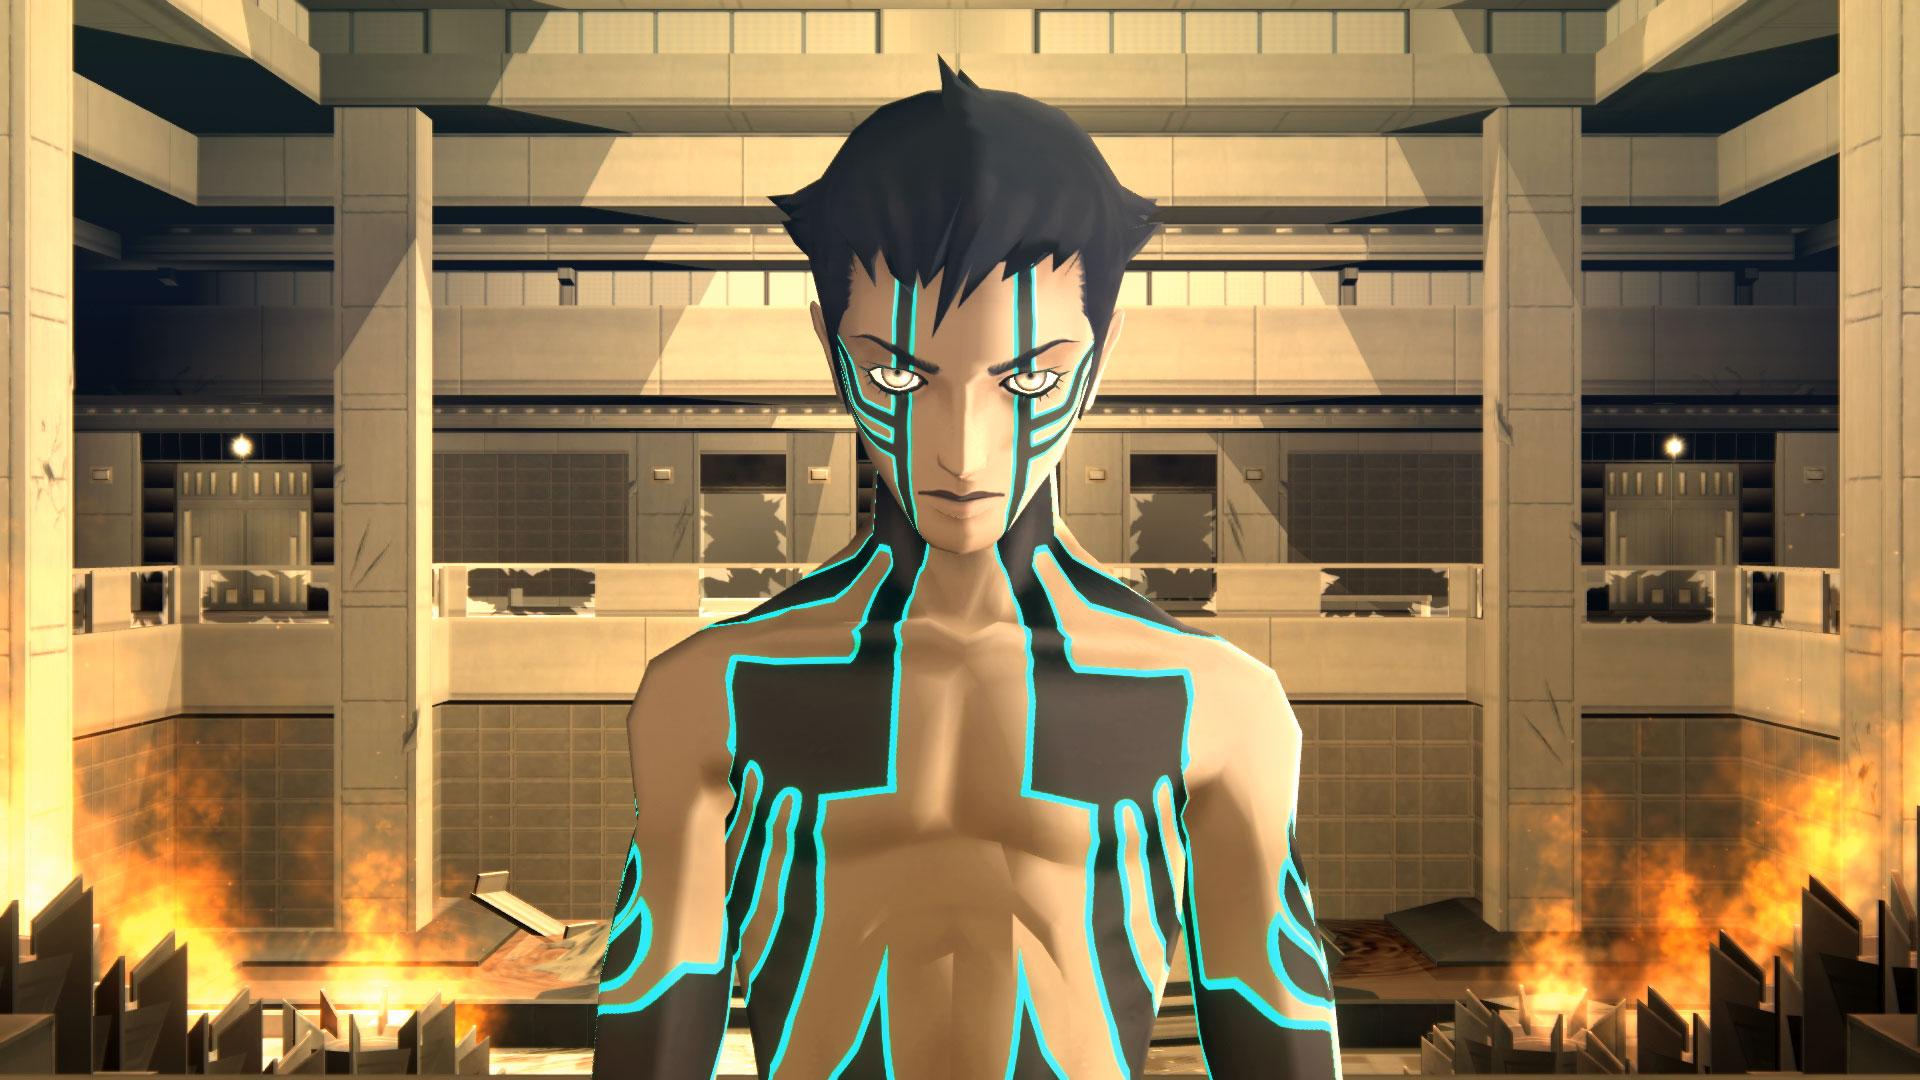 Shin Megami Tensei III Nocturne HD Remaster Image